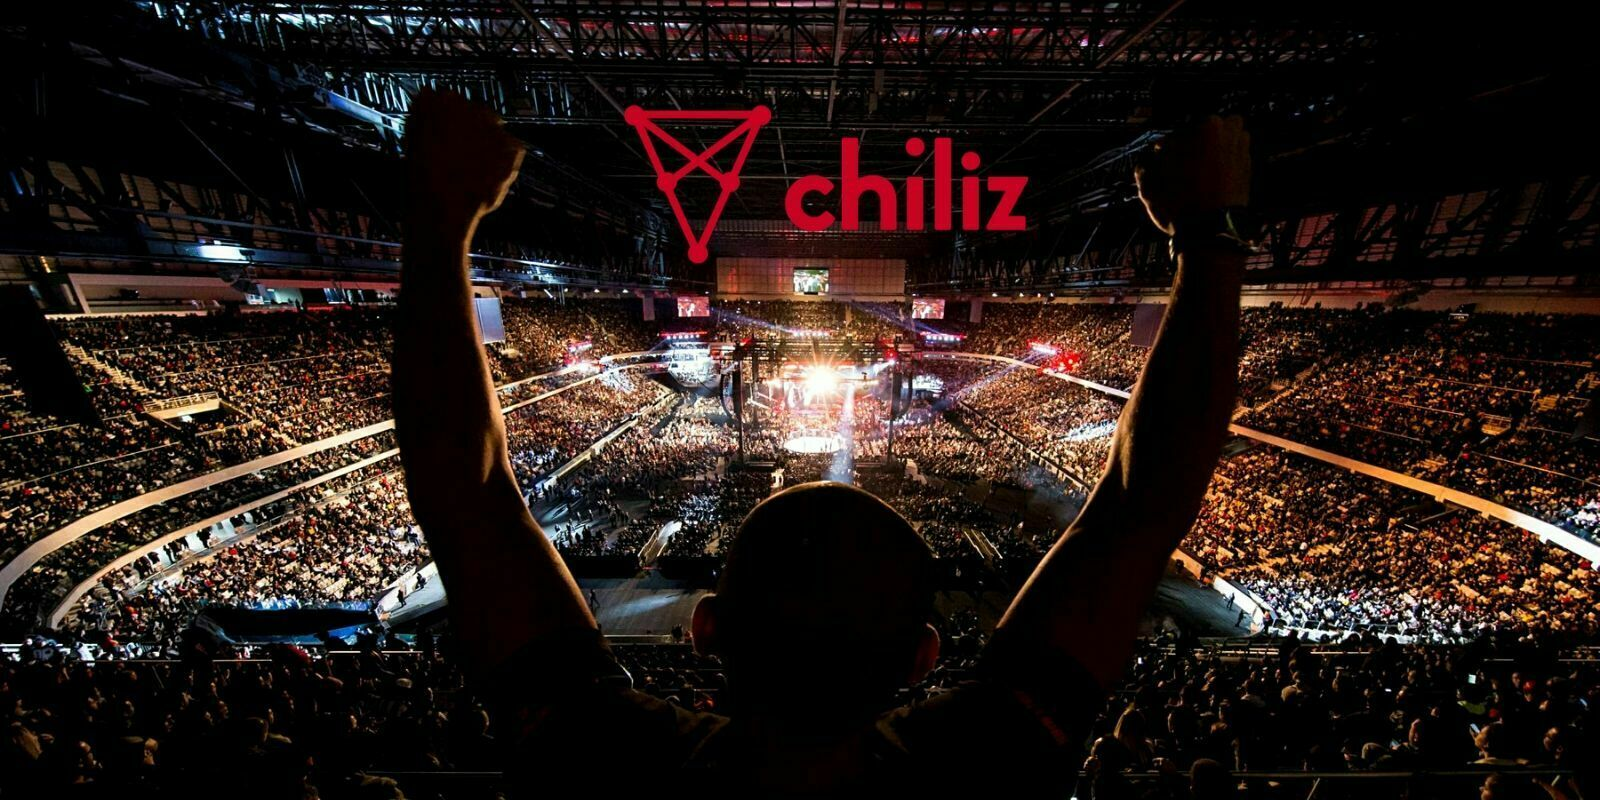 L'UFC s'associe à la startup Chiliz pour accroître l'engagement des fans